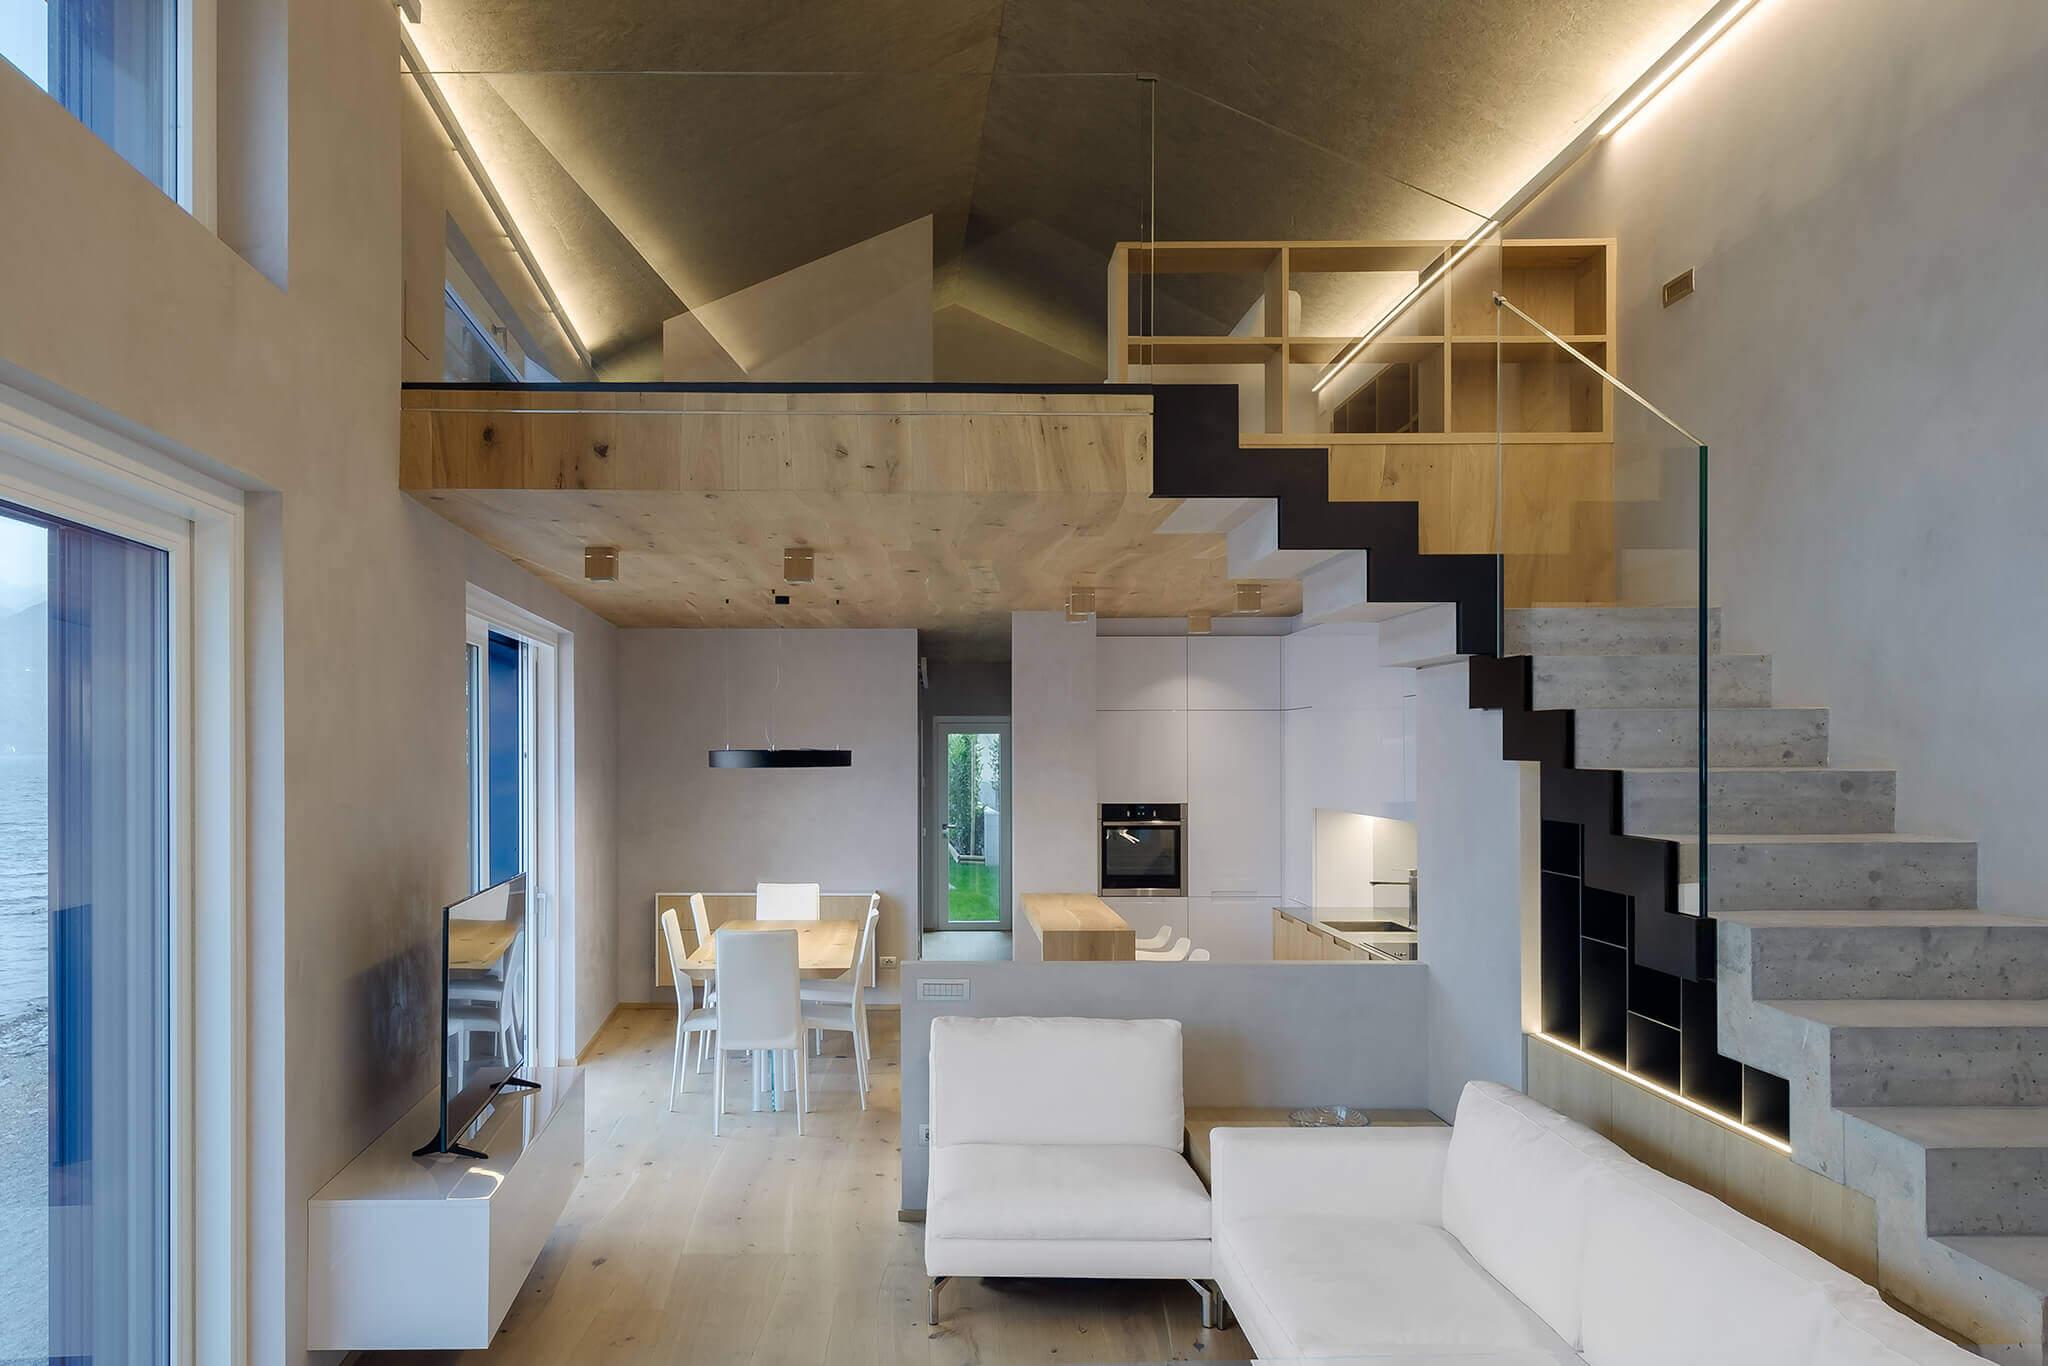 Abitazione a Sansiro, Architetto Francesco Venzi